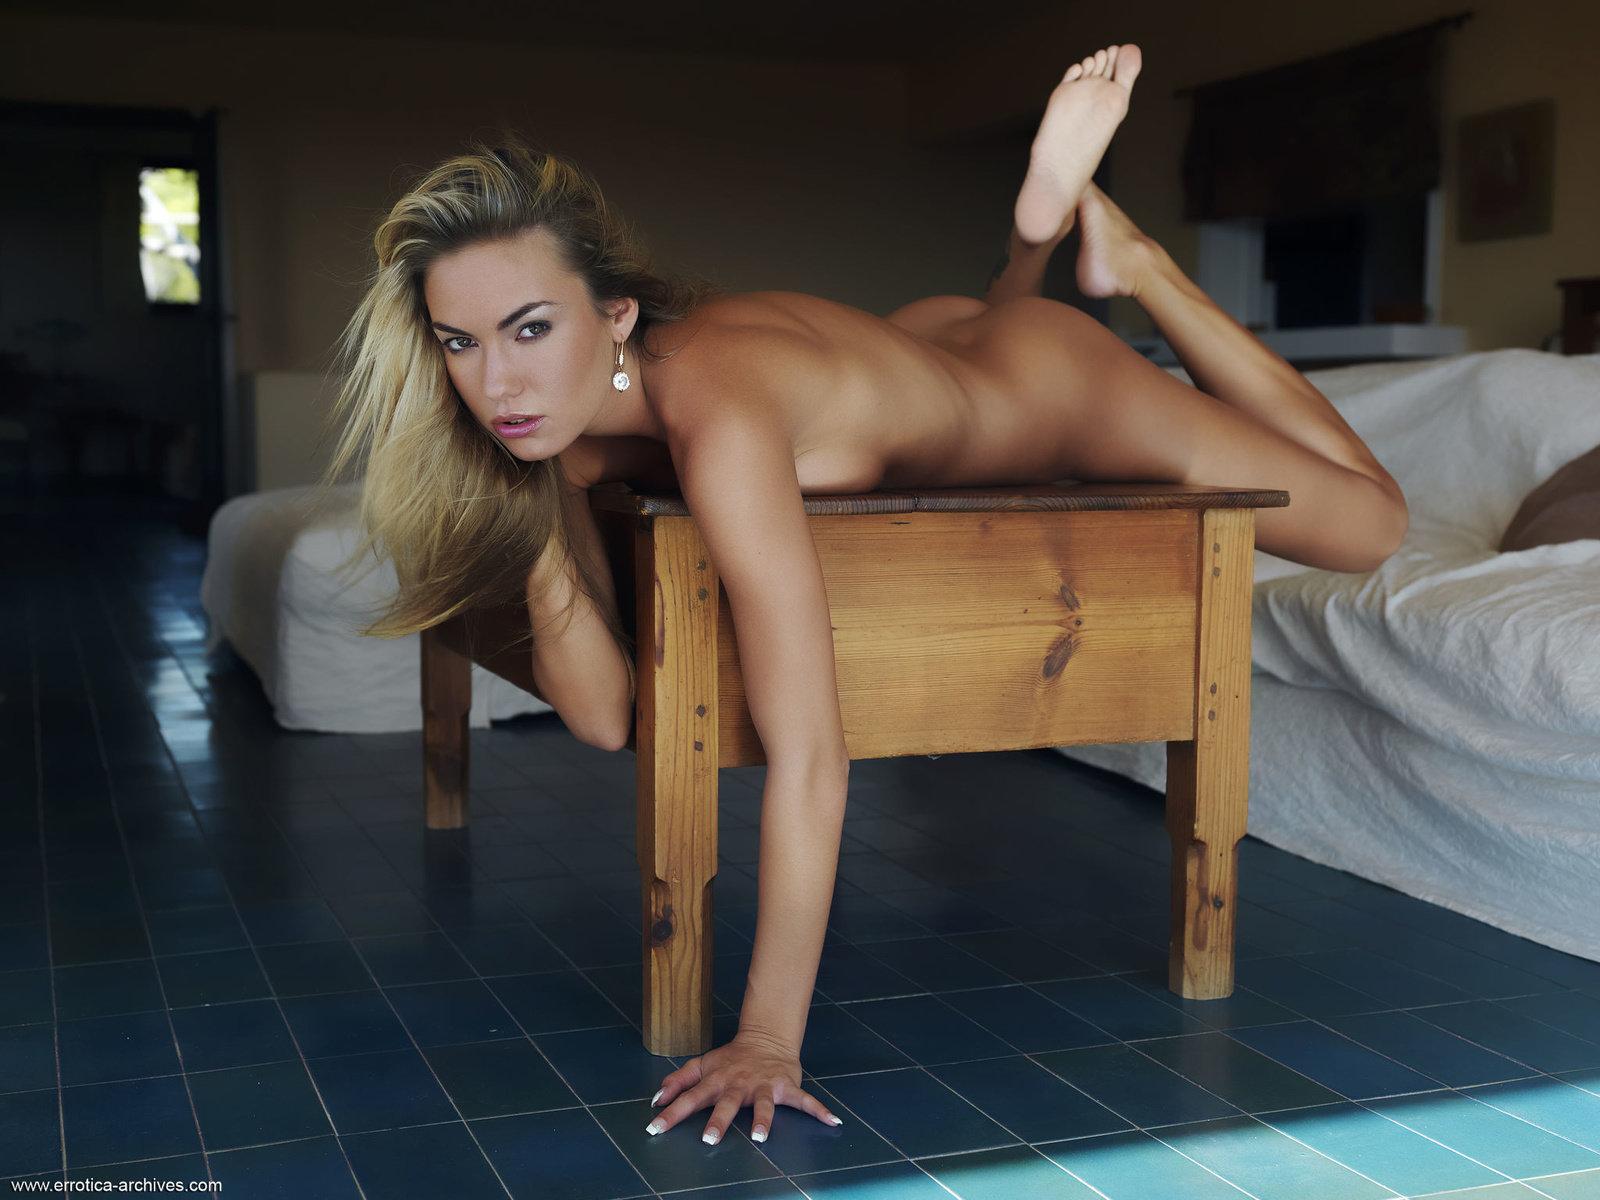 Zdjęcie porno - 1213 - Naga blondi w apartamencie